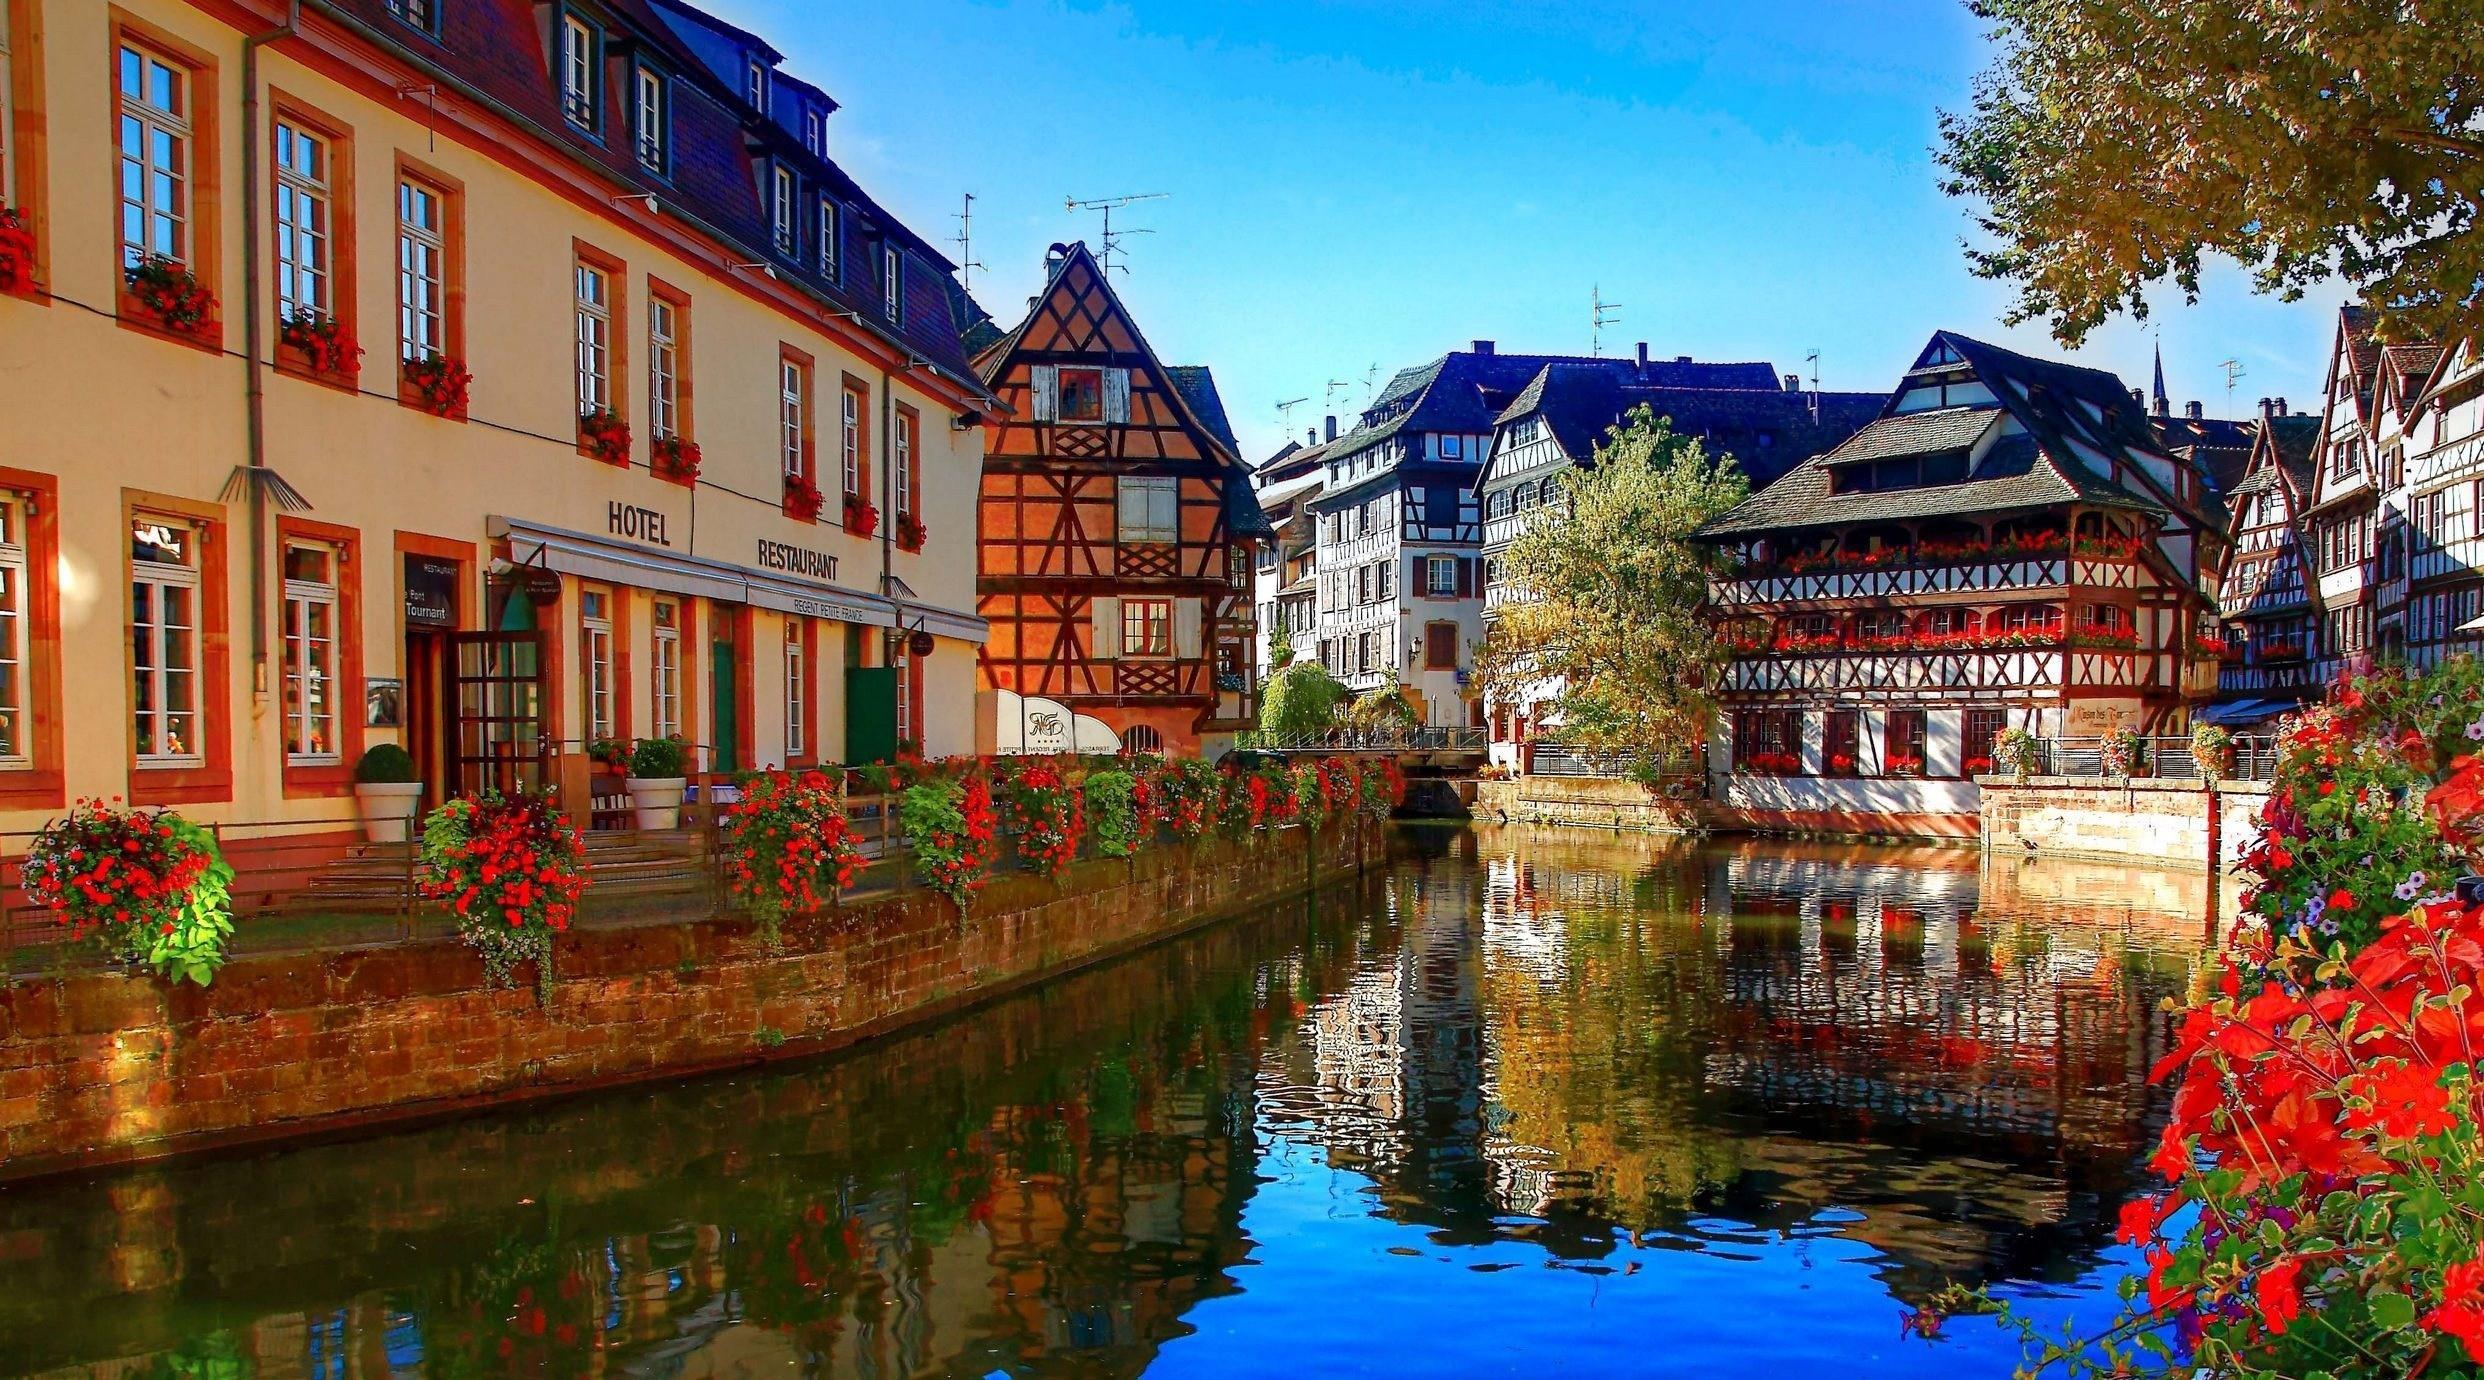 اهم الانشطة السياحية فى ستراسبورغ فرنسا |مدينةة ستراسبورغ فى فرنسا